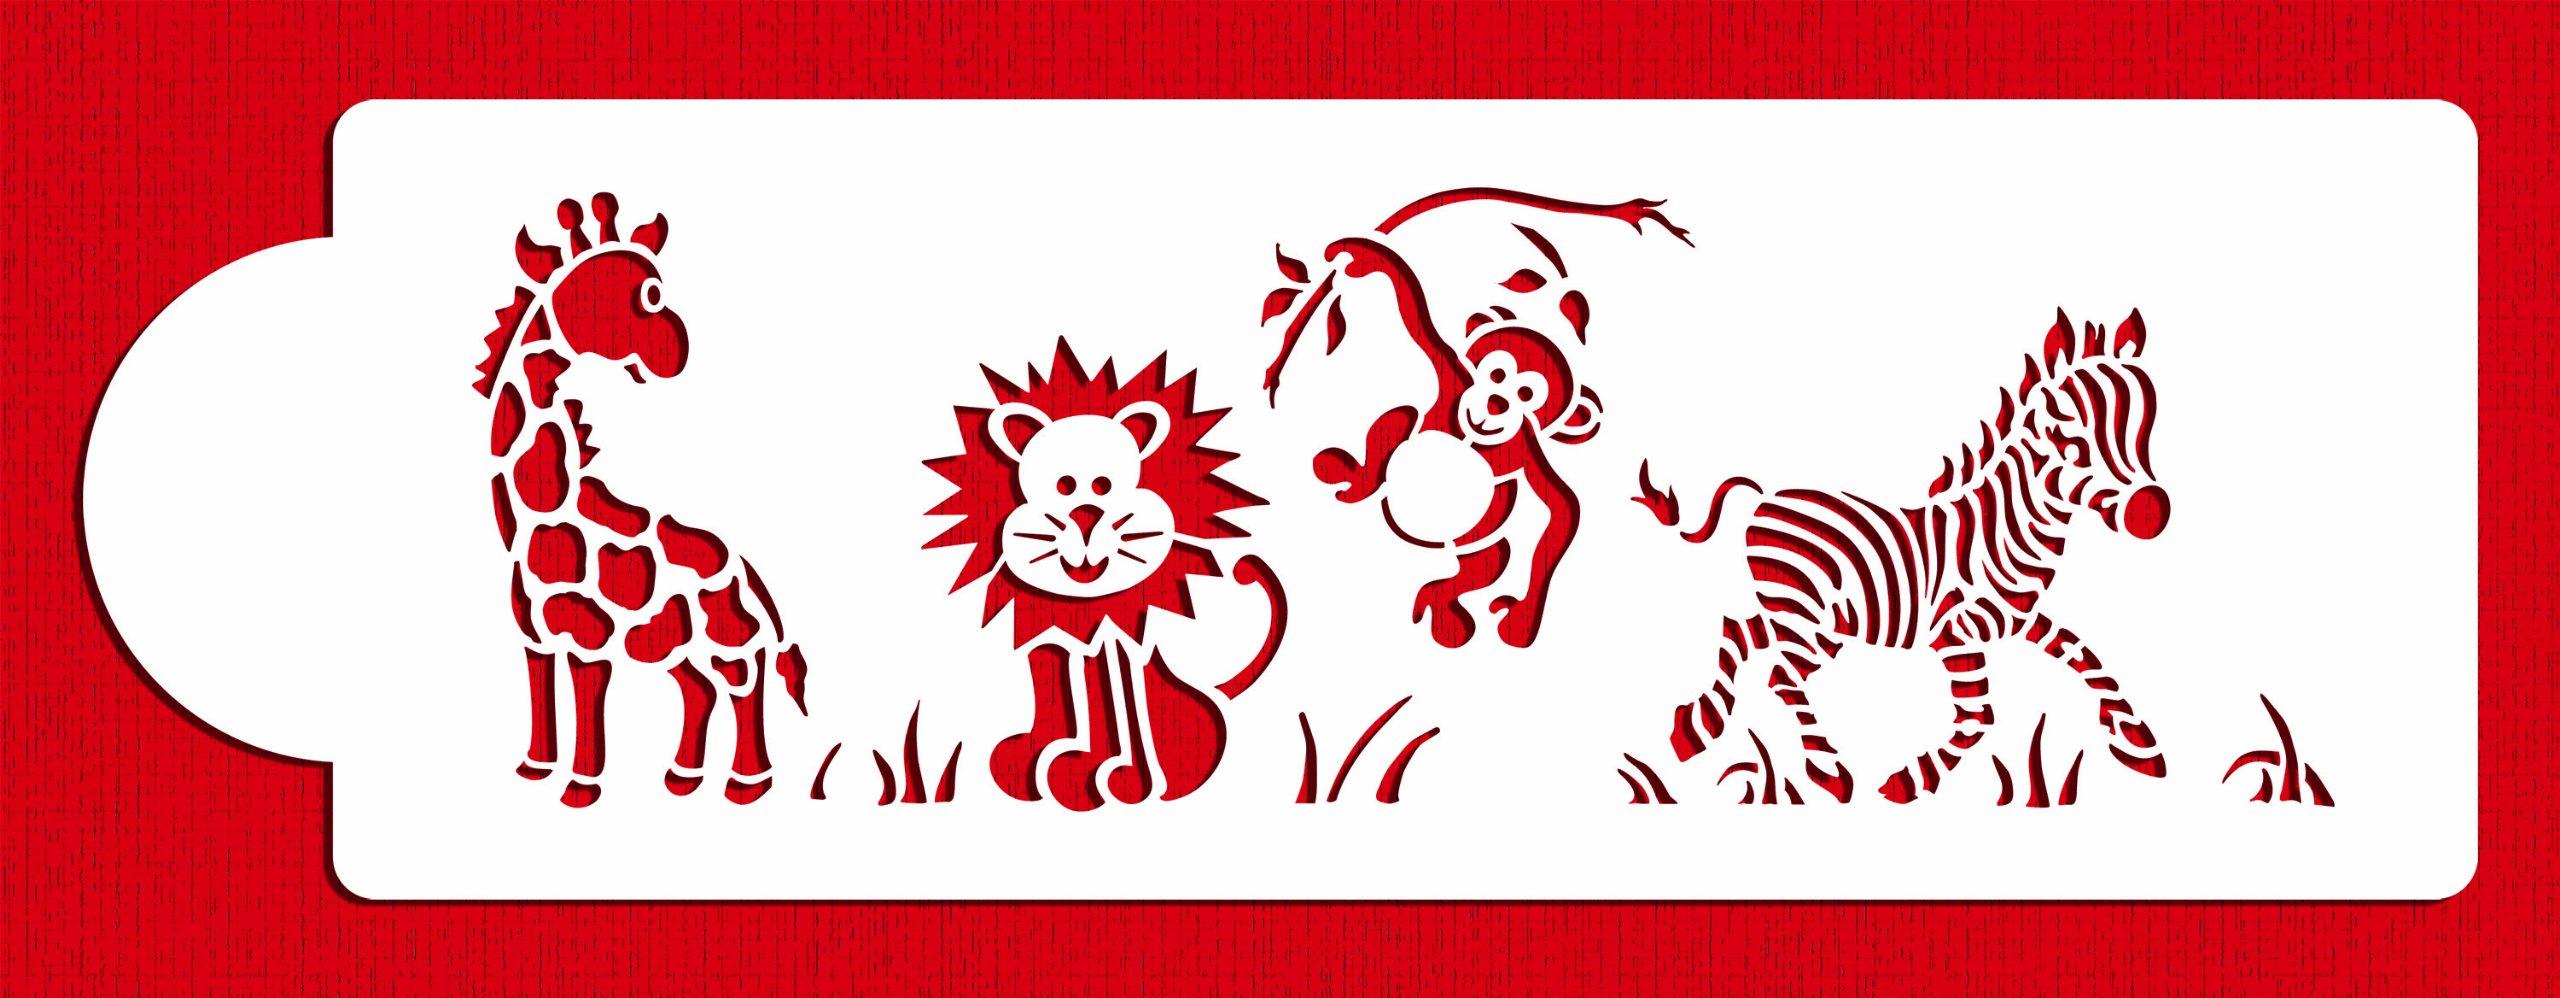 Jungle Animals Cake Side C781 by Designer Stencils